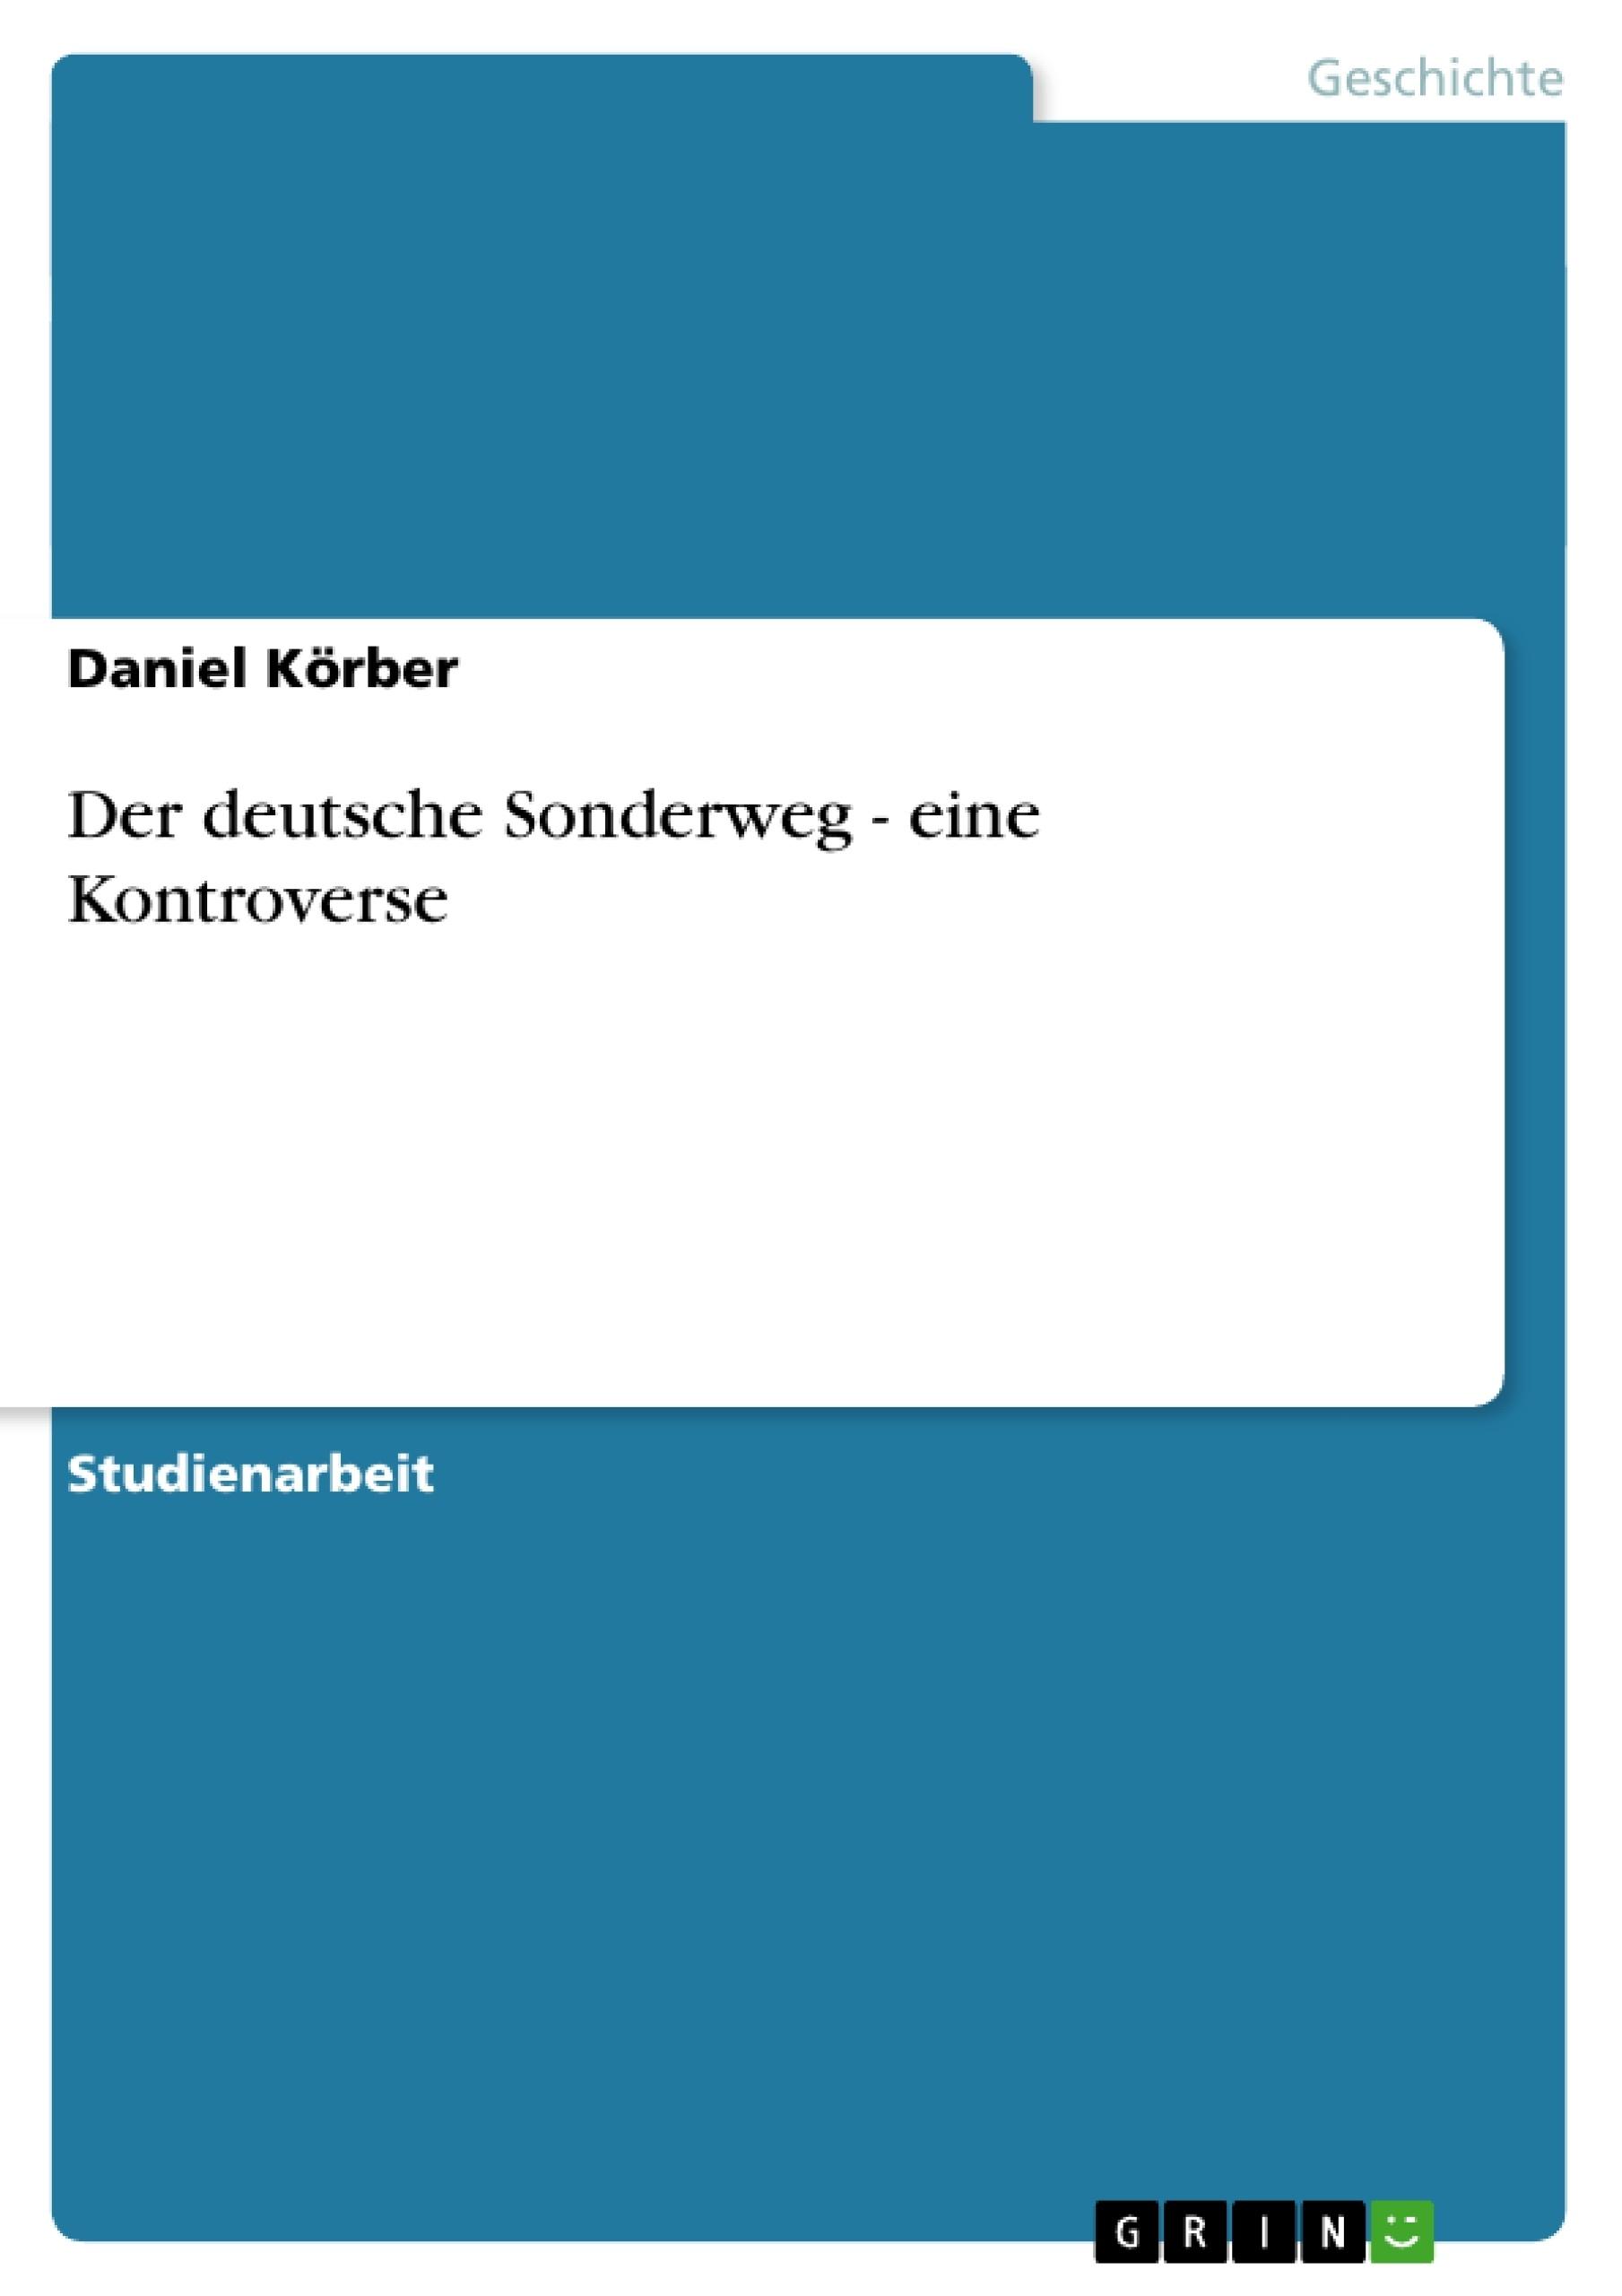 Titel: Der deutsche Sonderweg - eine Kontroverse